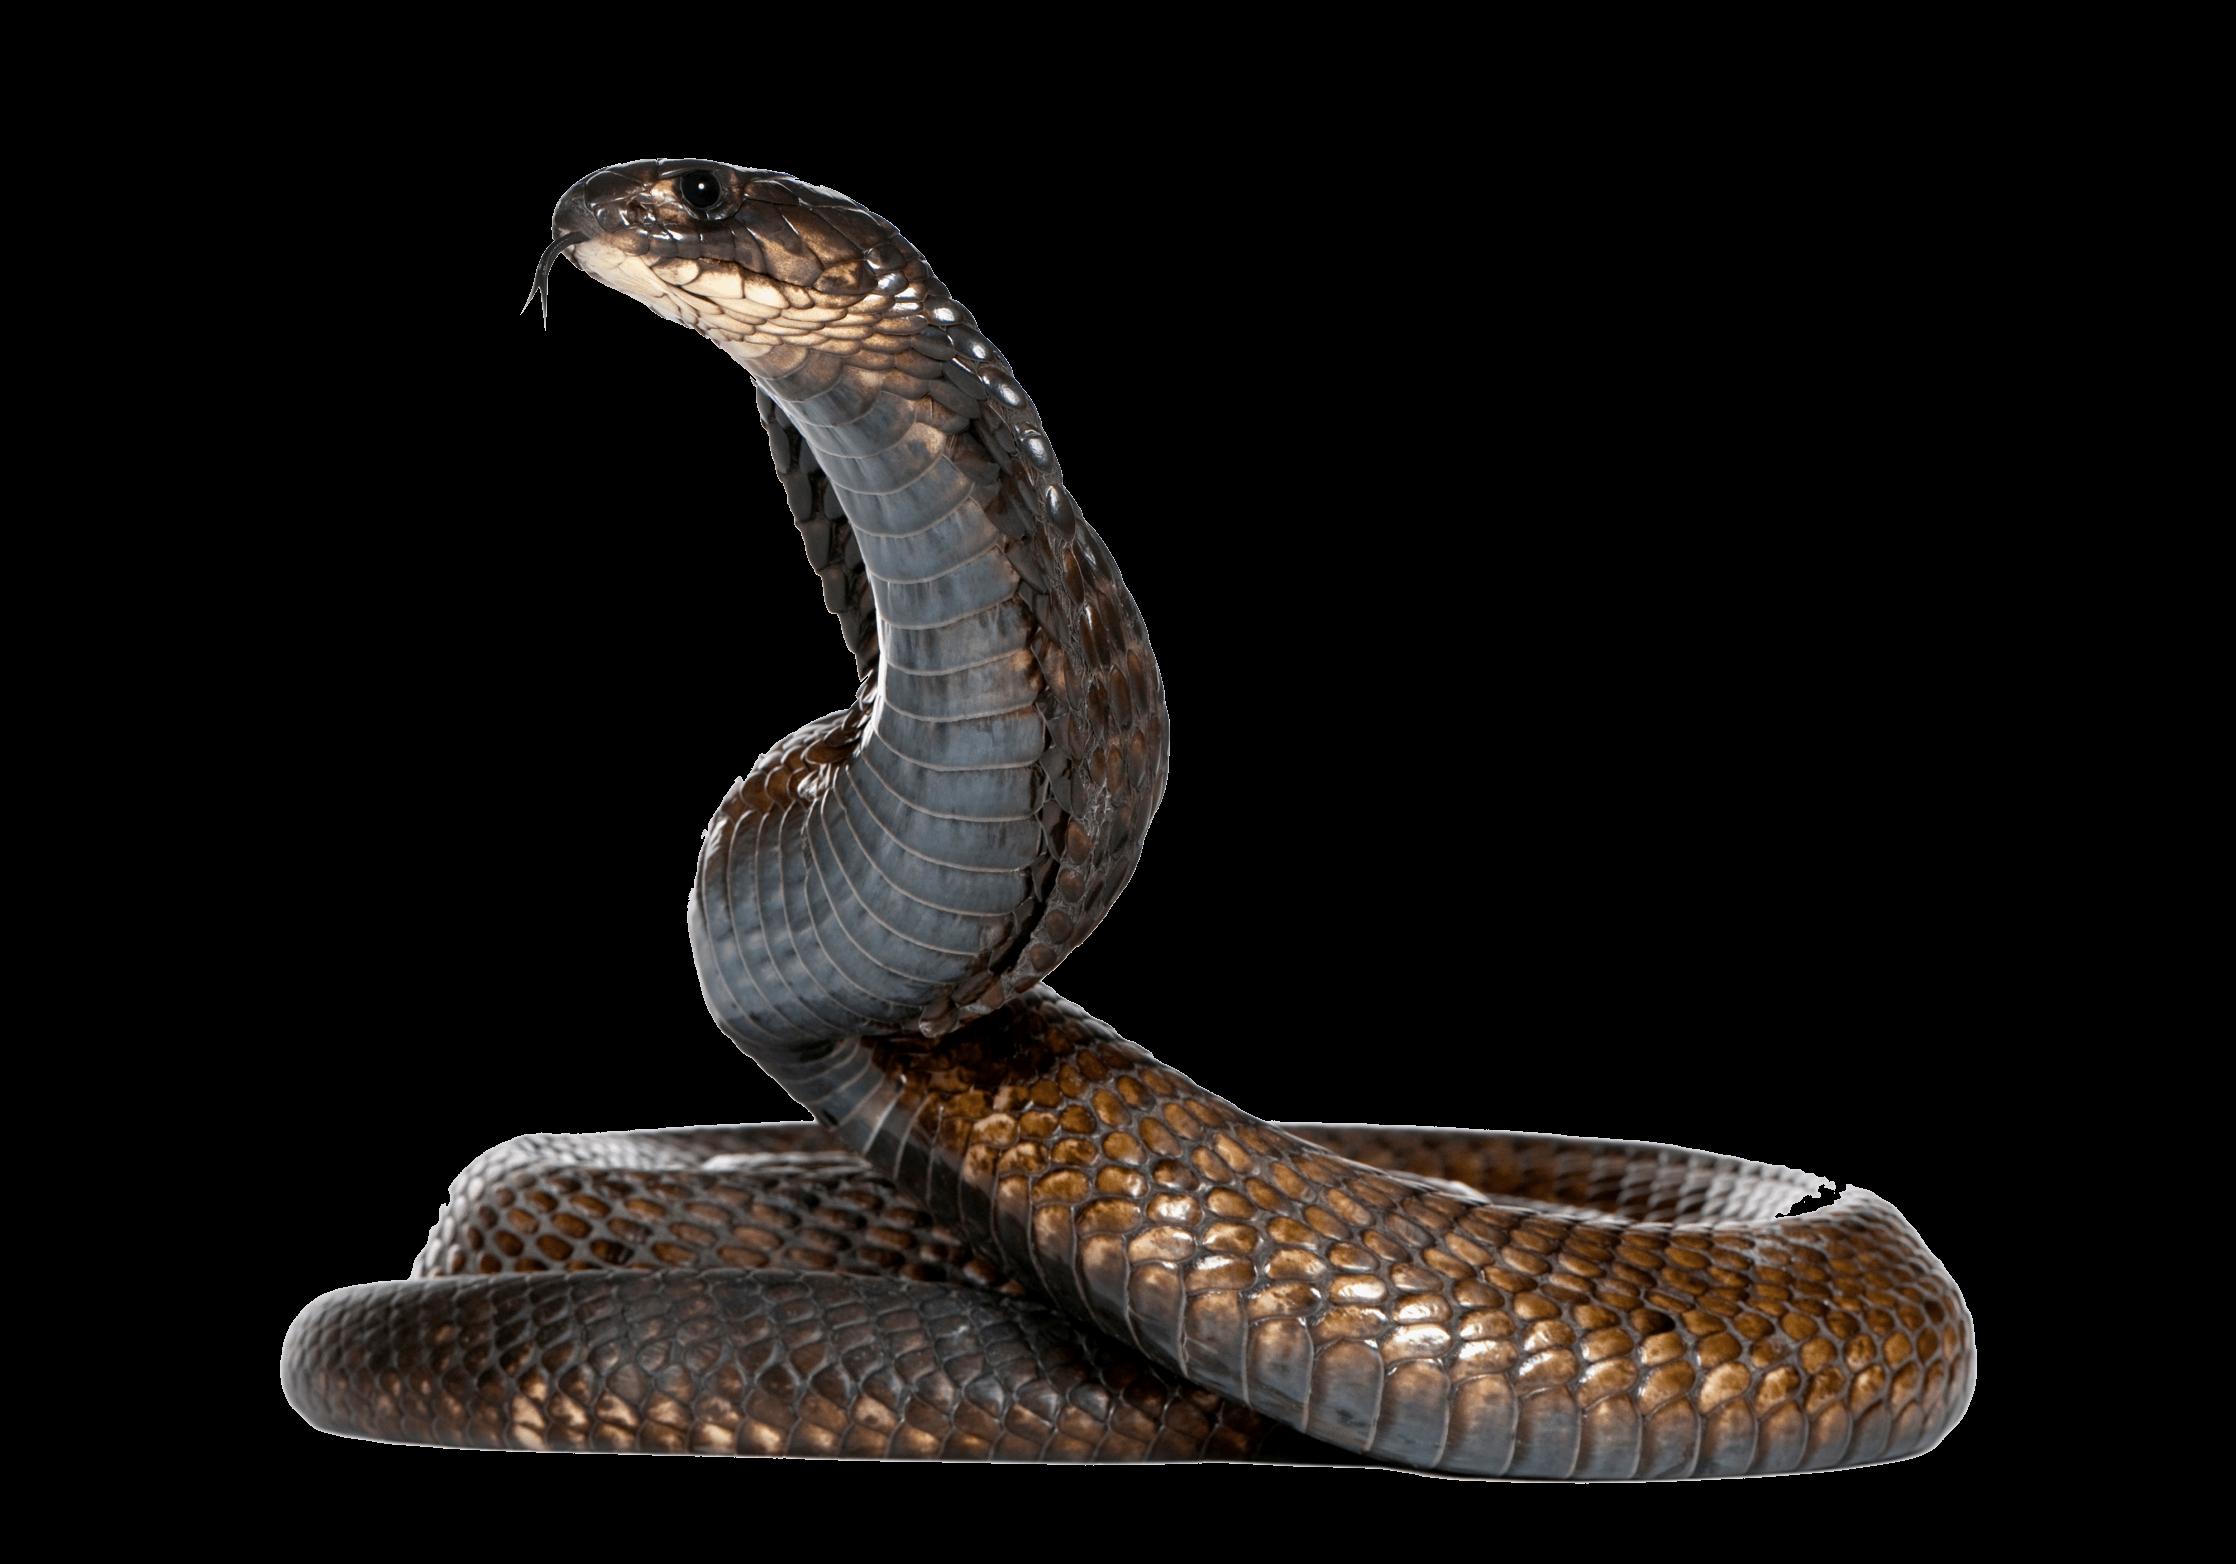 Cobra Snake Png Image PNG Image - Snake PNG